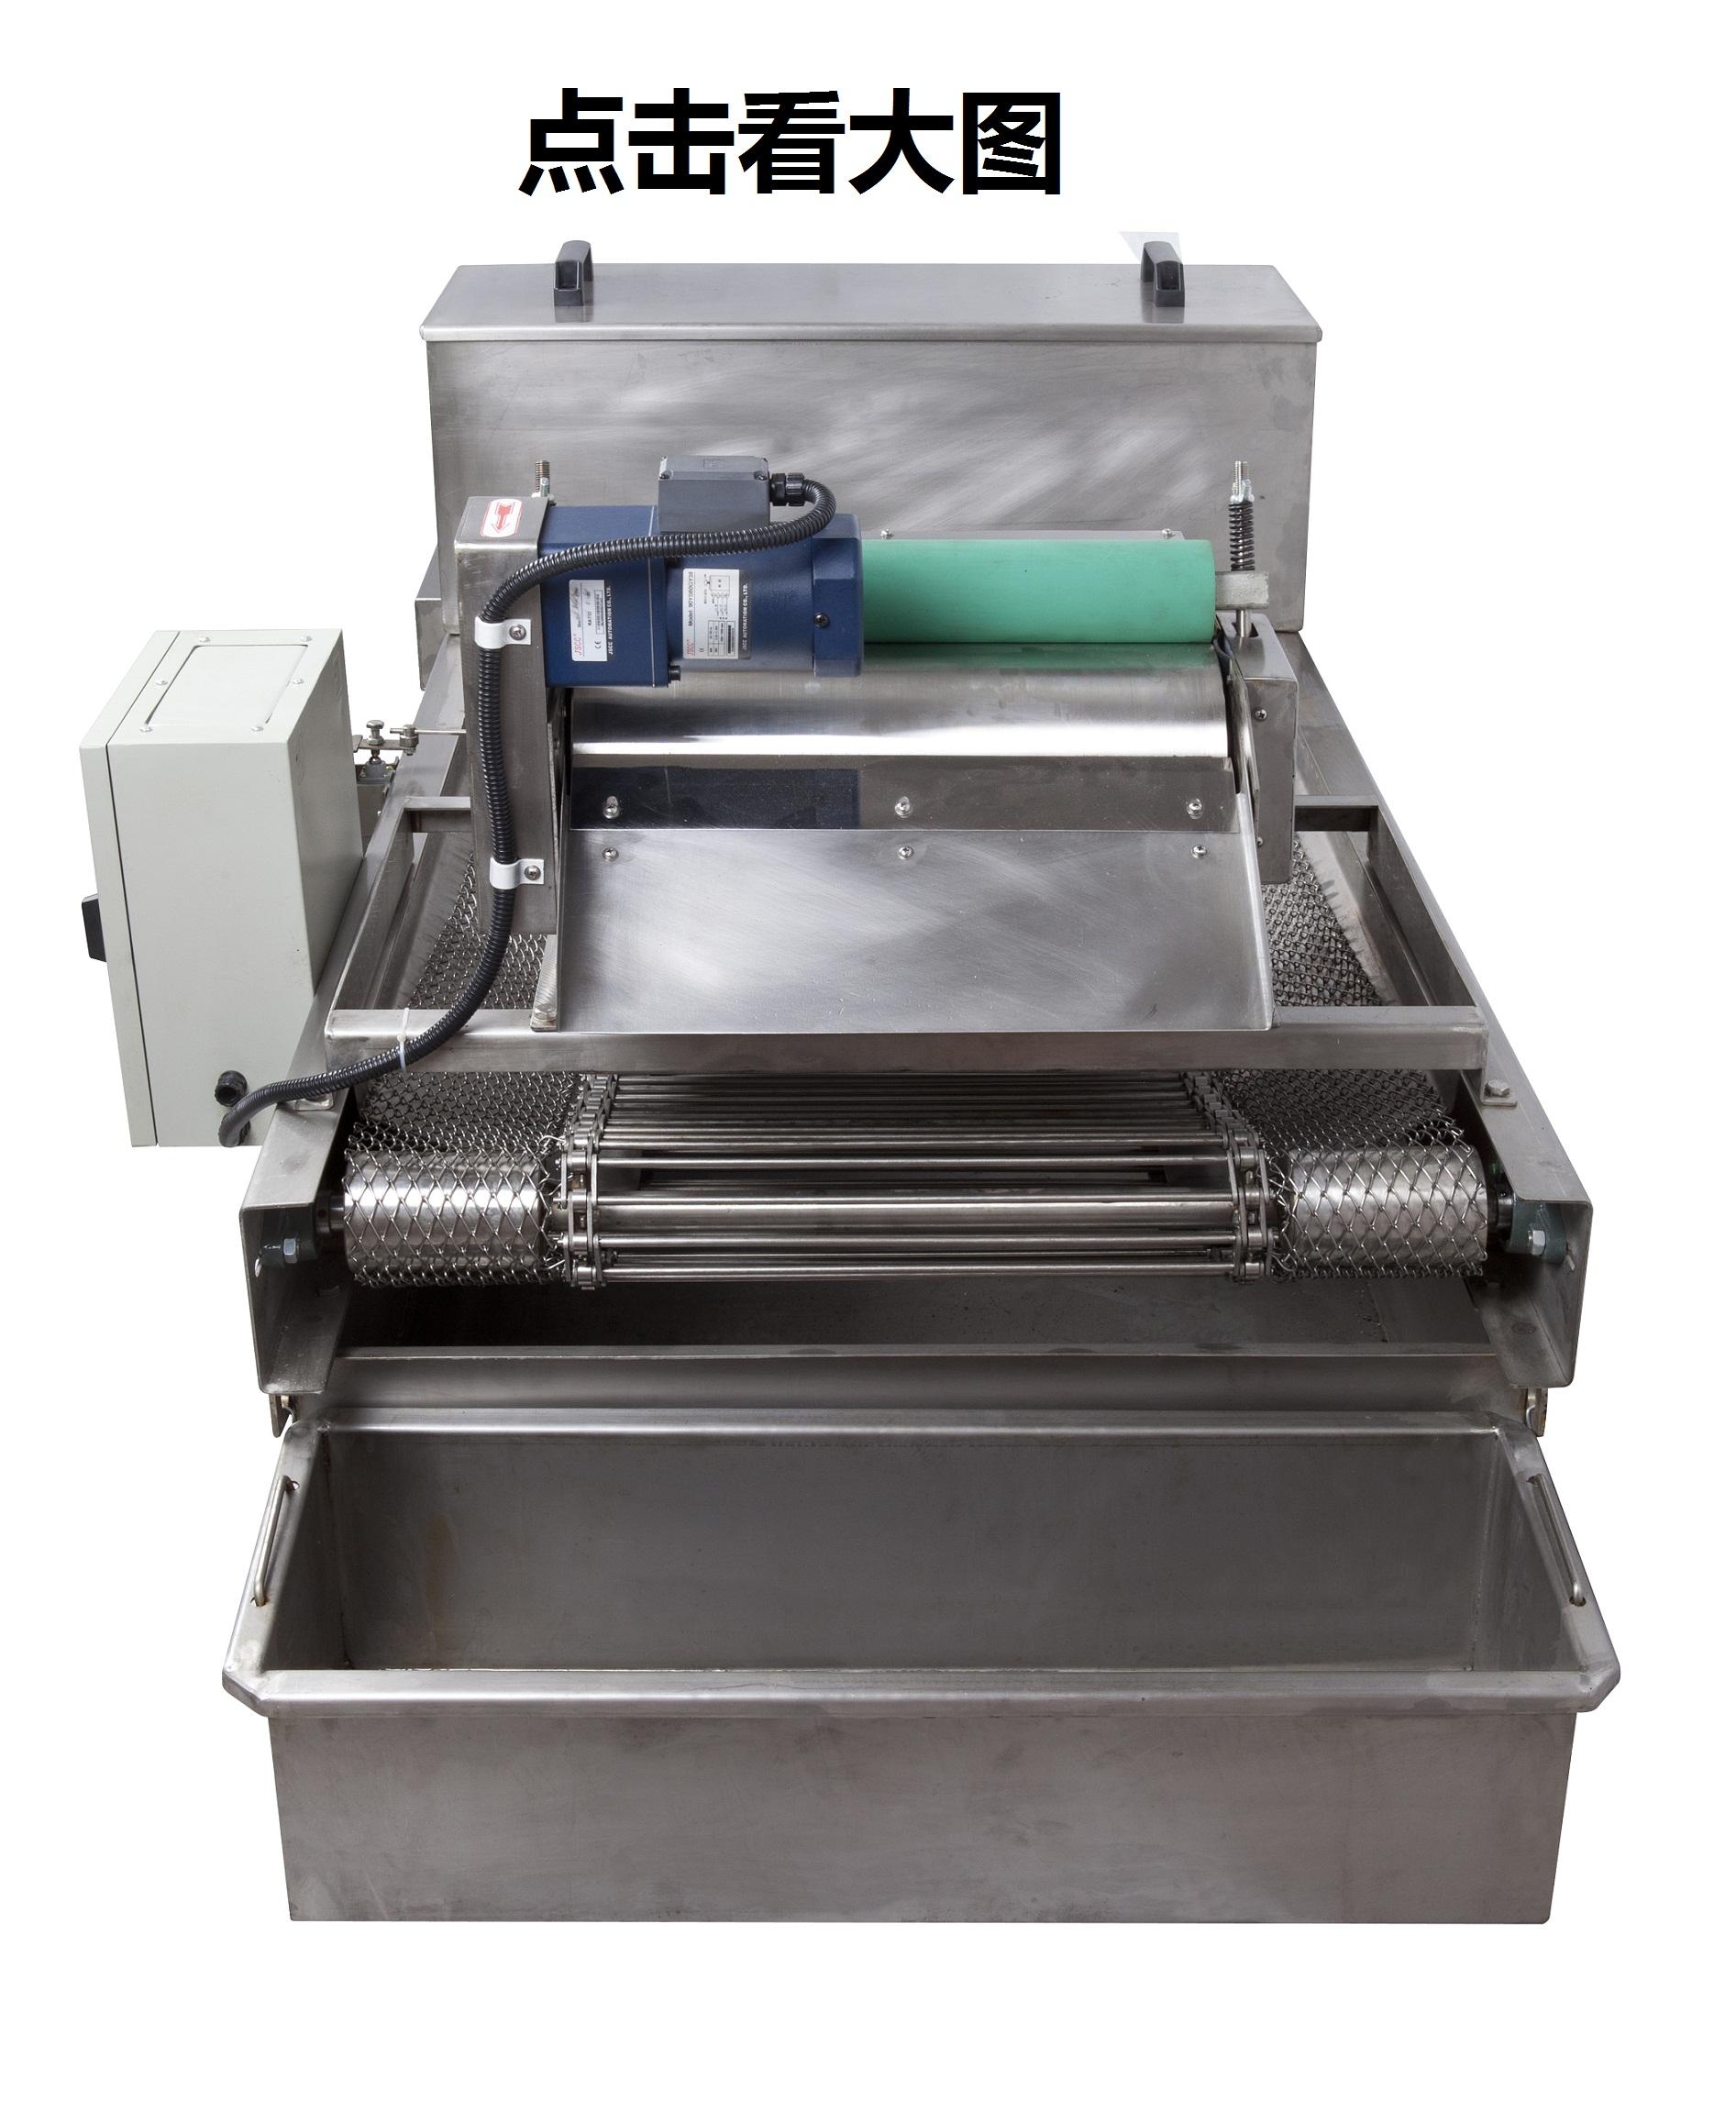 供应纸带过滤机价格 磨床纸带过滤机品牌